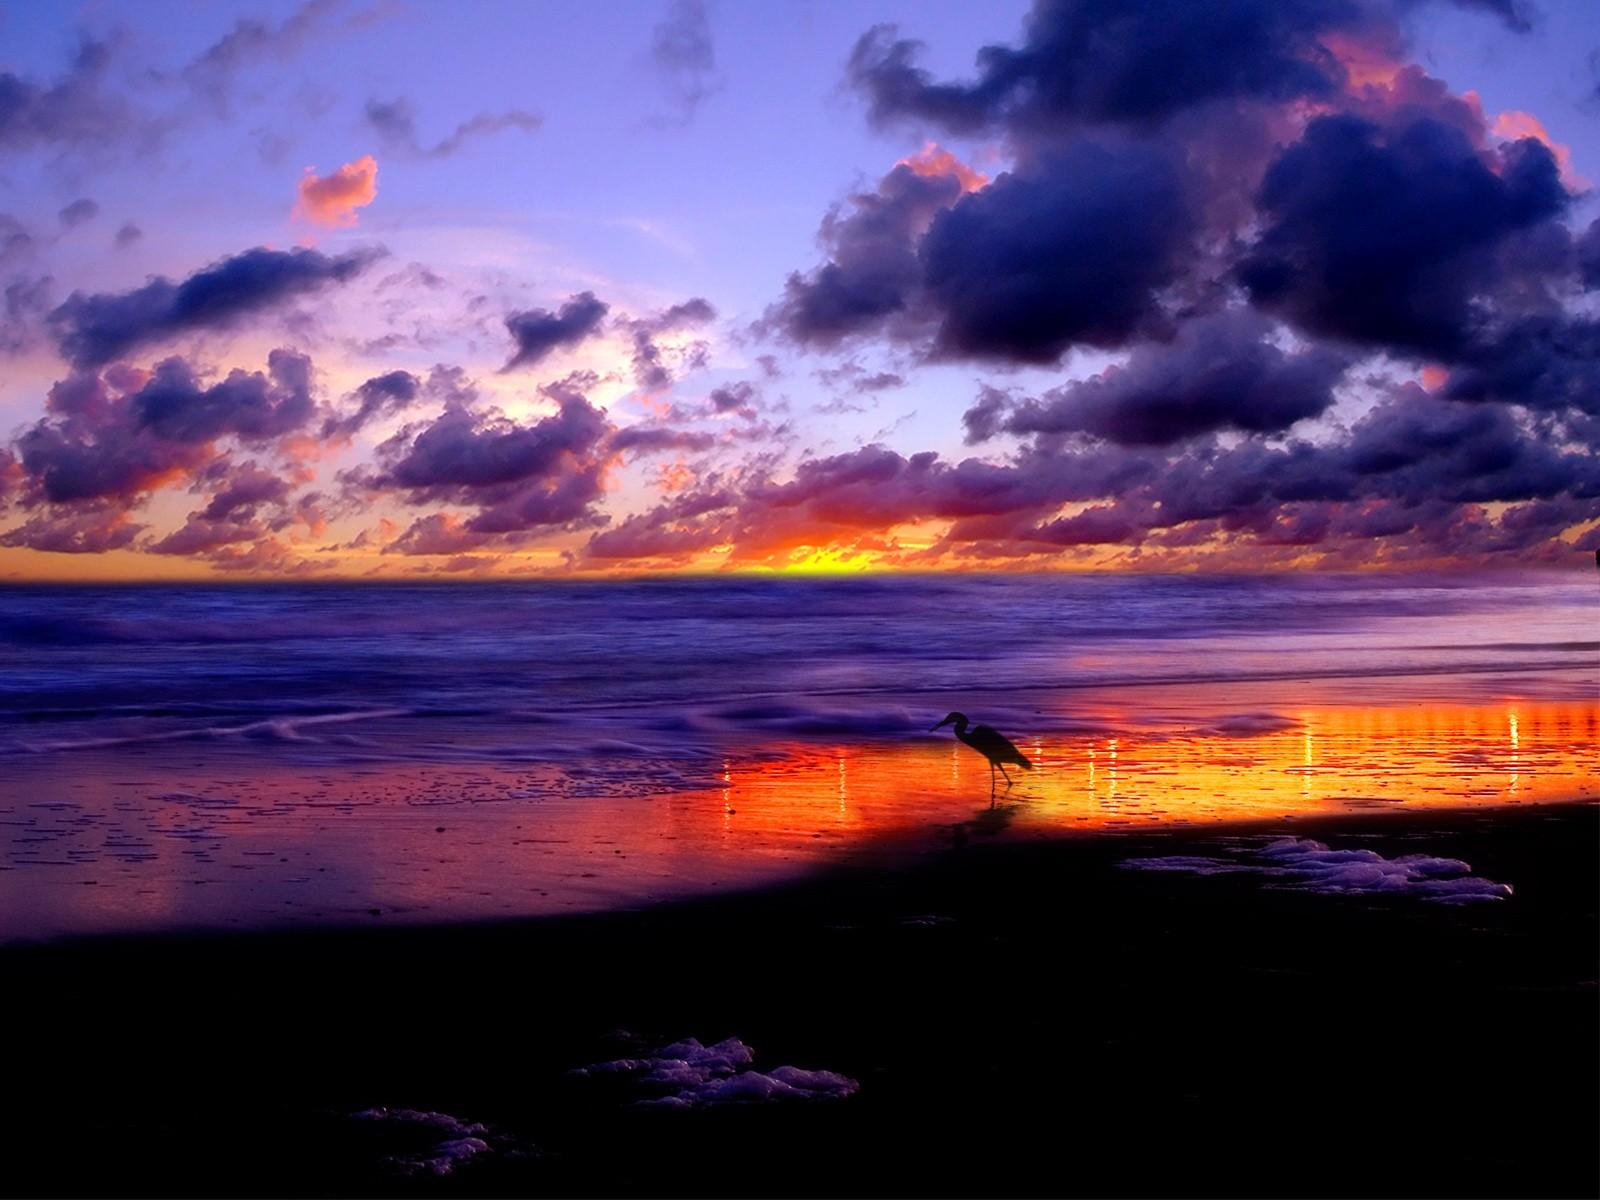 остальные корабли красивые фото море закат для фейсбук данной